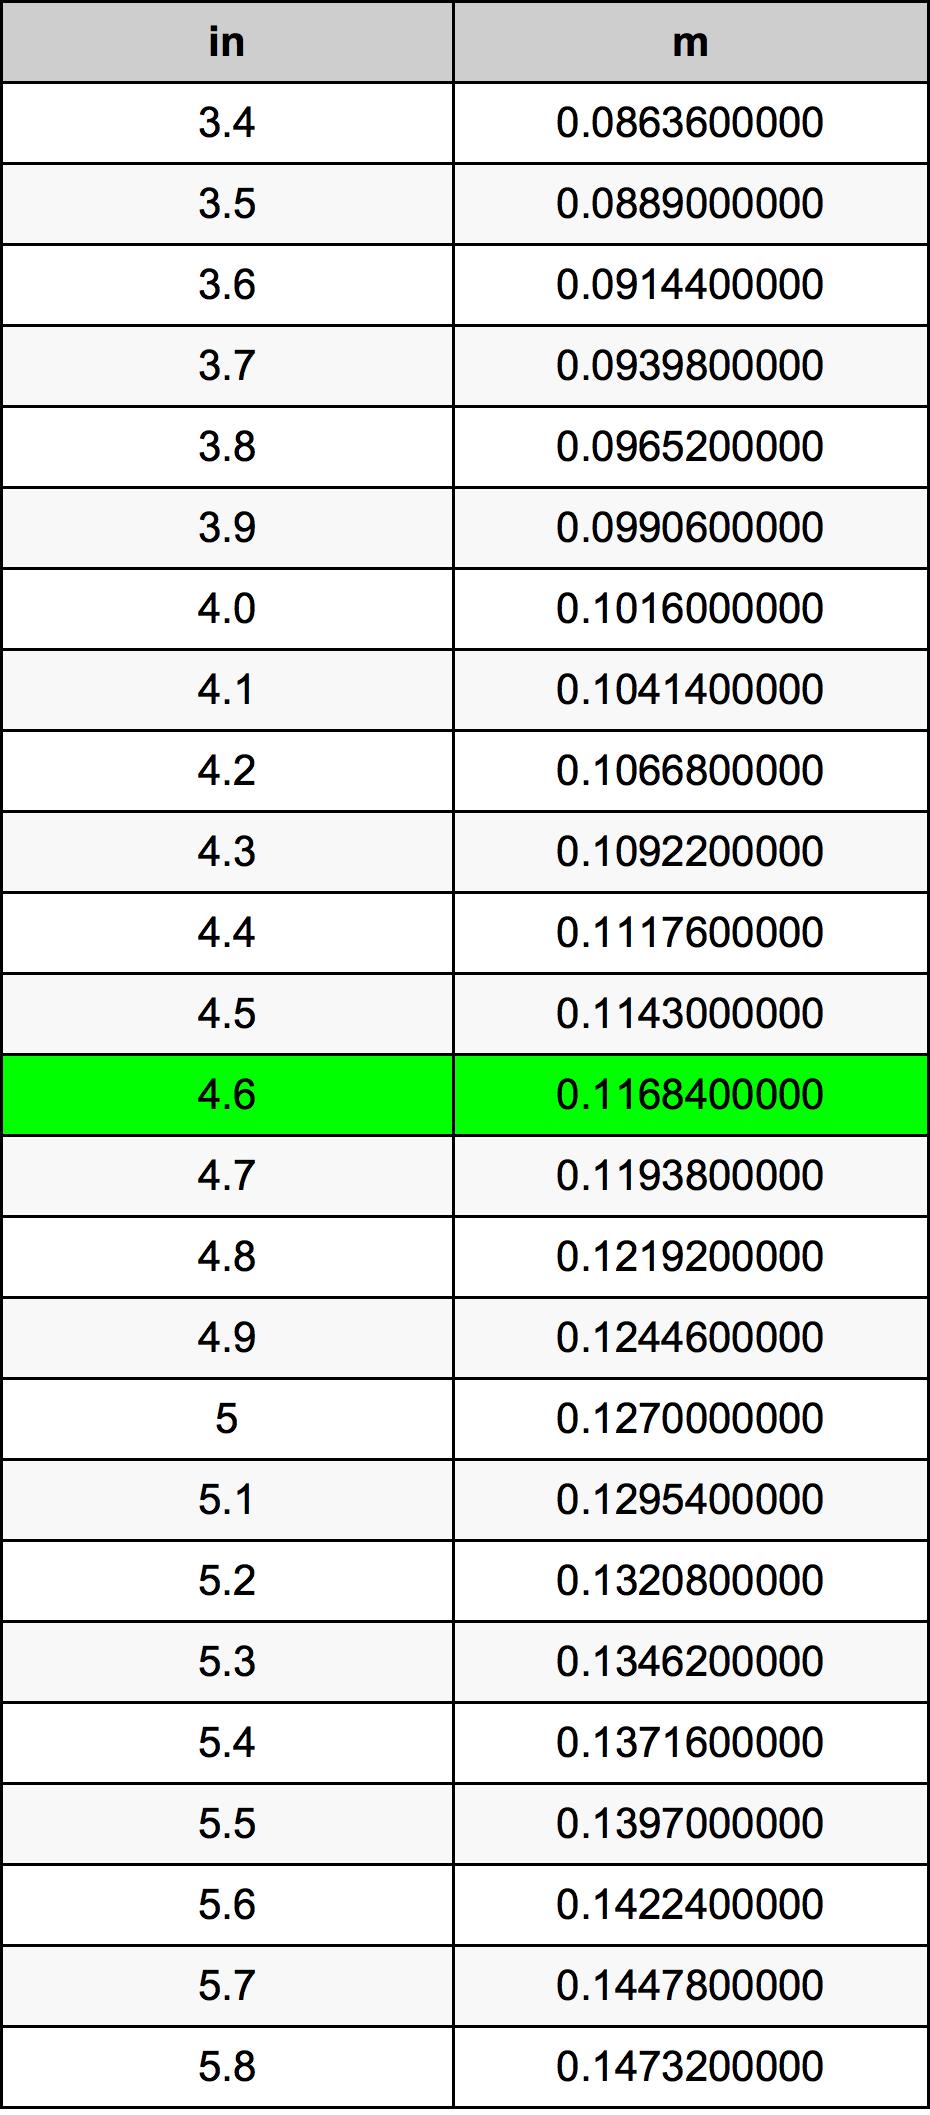 4.6 Tomme konverteringstabellen